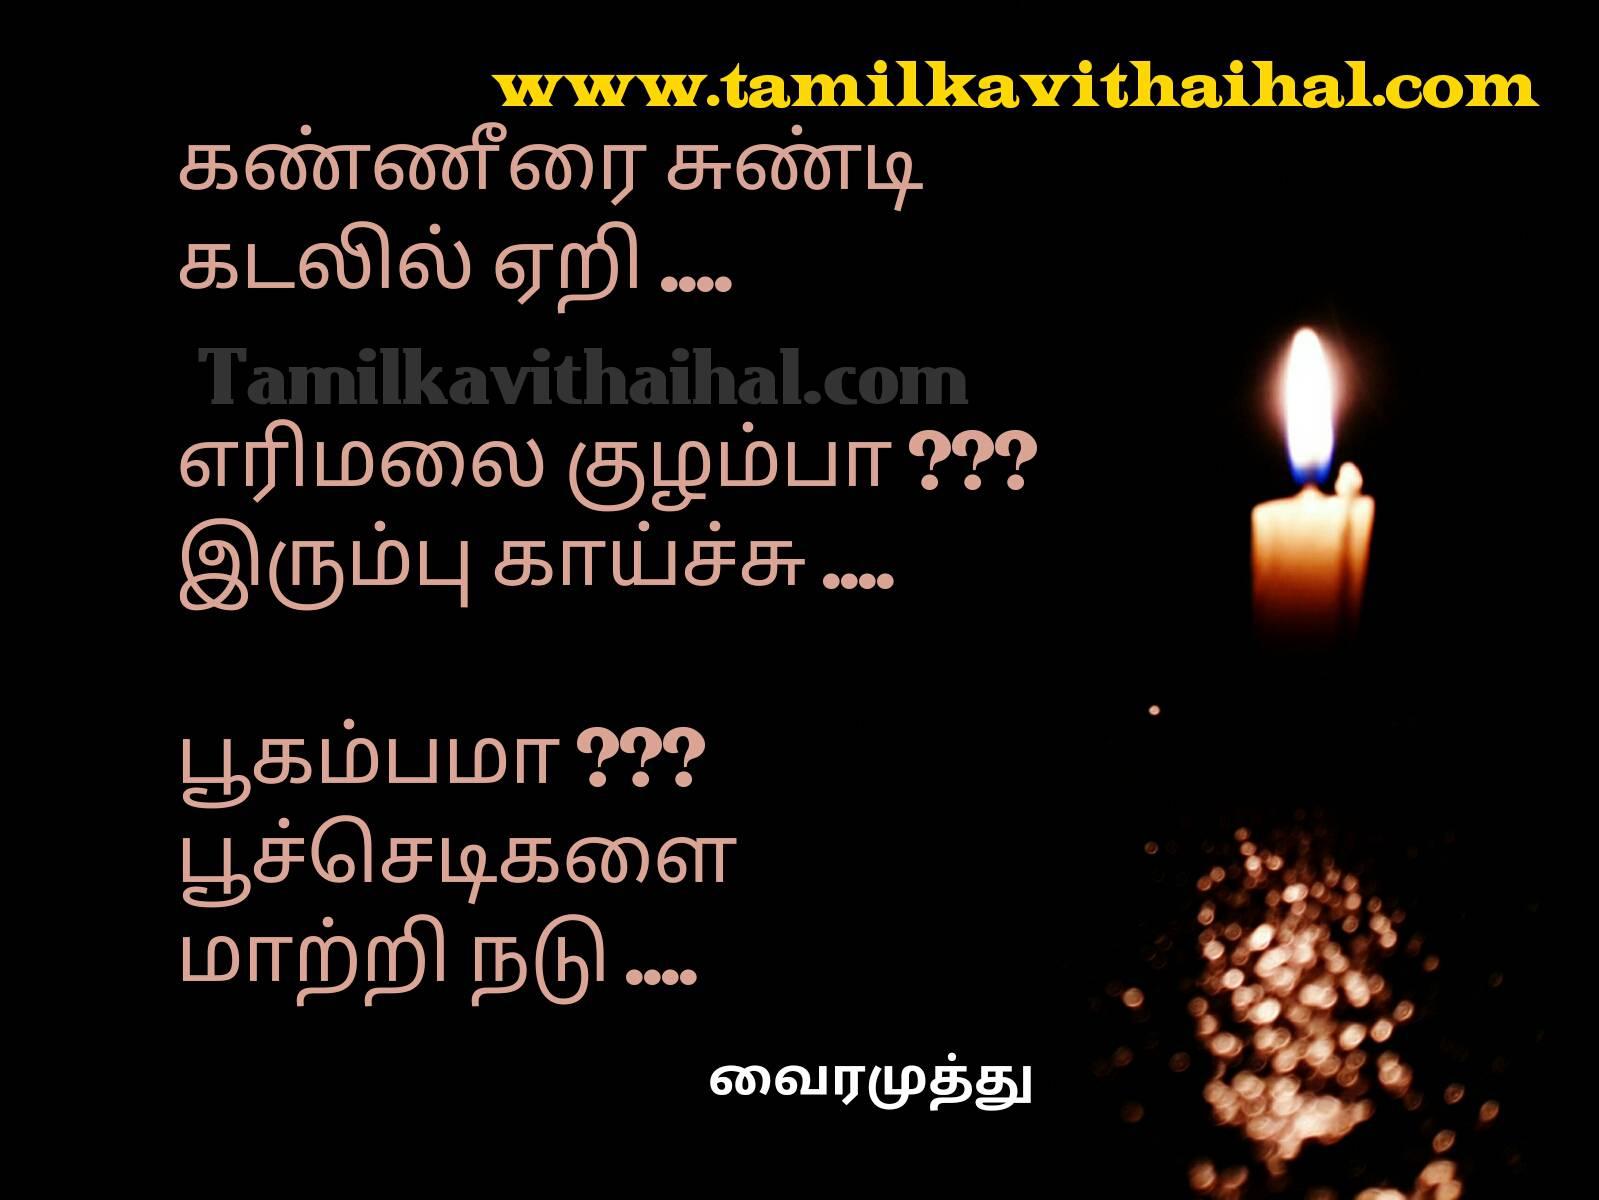 Vairamuthu kavithaigal tamil about nambikkai valkkai kanner erimalai pookambam poochedi kadal hd image download